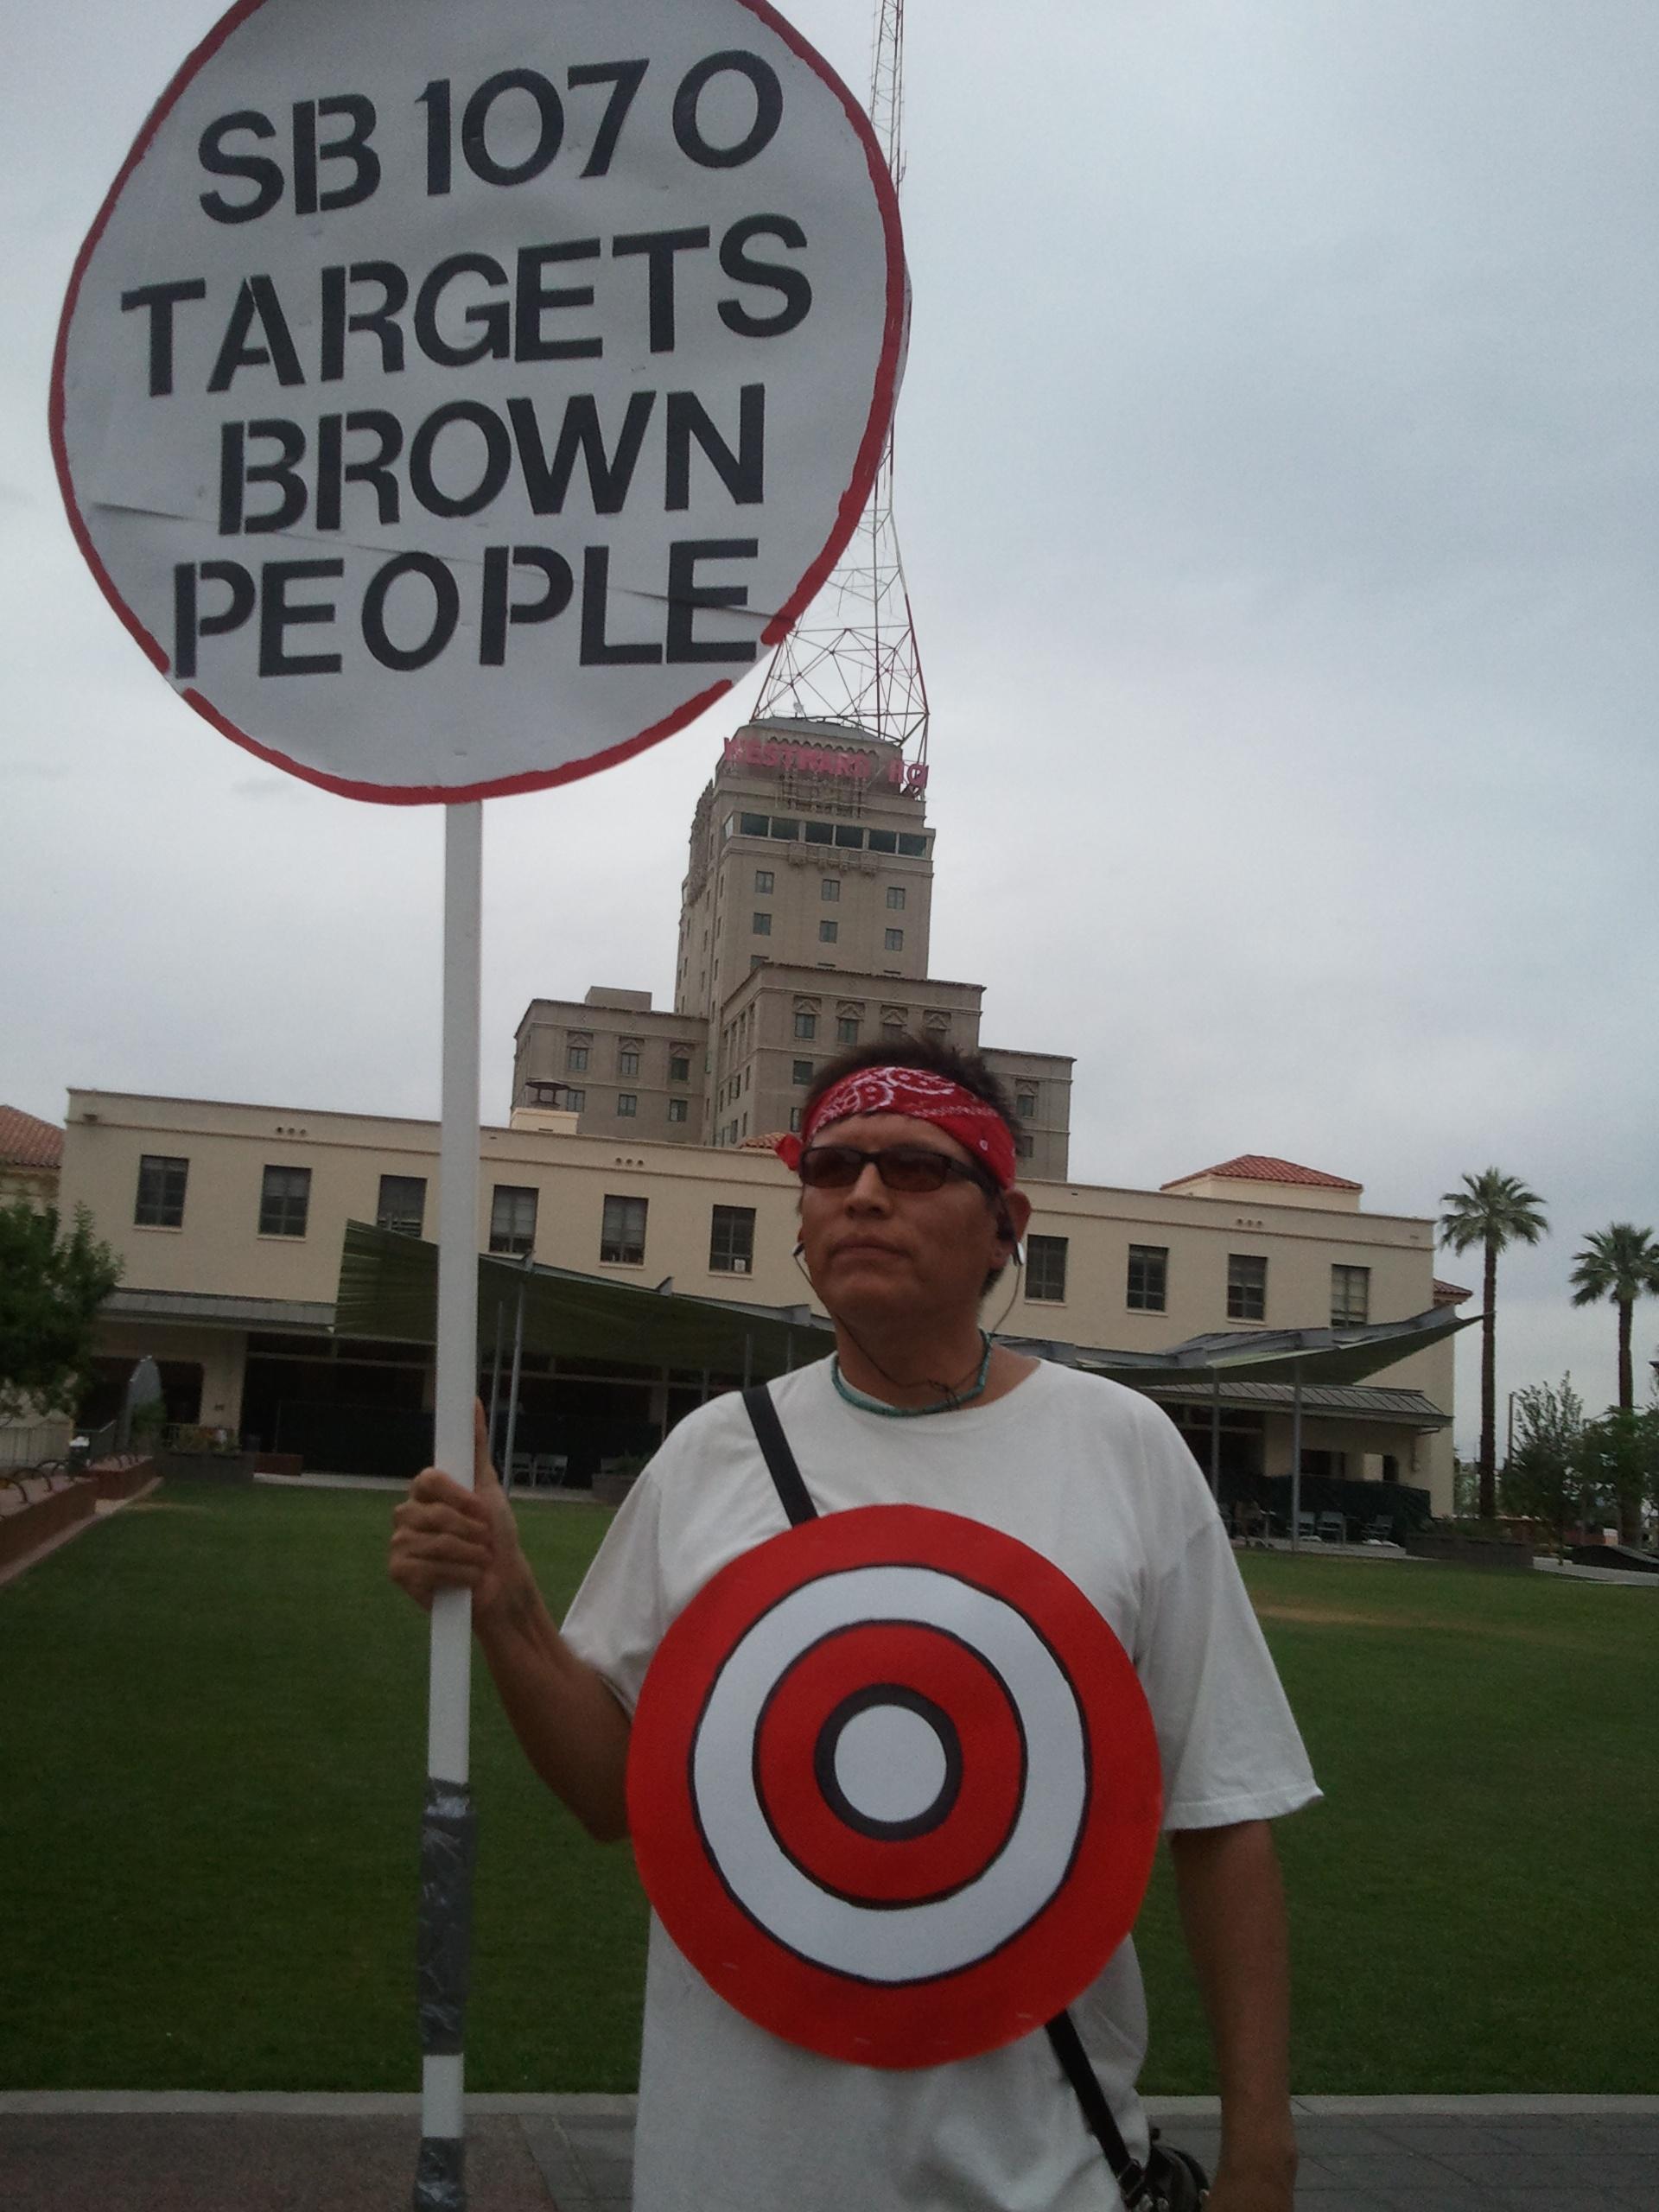 SB 1070 protester